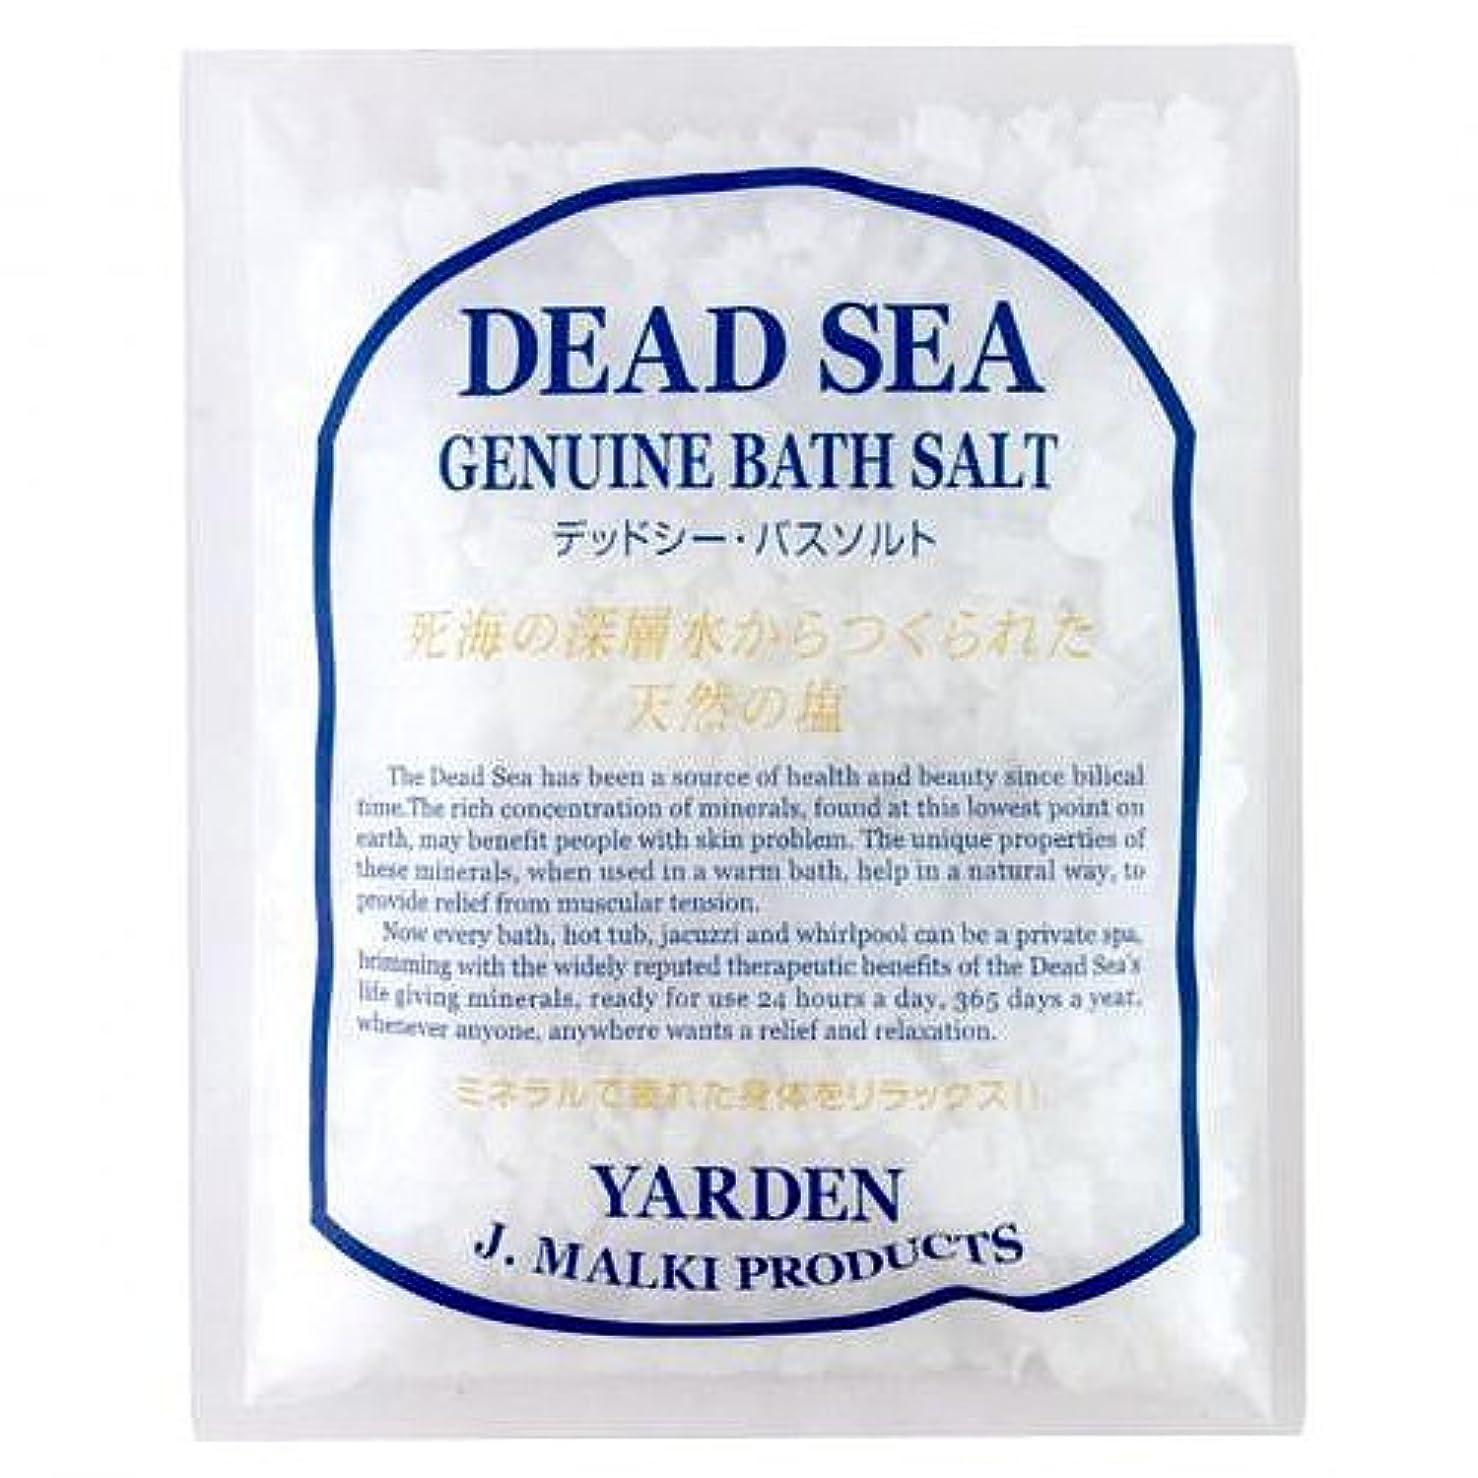 戦争寺院ディスパッチデッドシー?バスソルト 100g 【DEAD SEA BATH SALT】死海の塩/入浴剤(入浴用化粧品)【正規販売店】